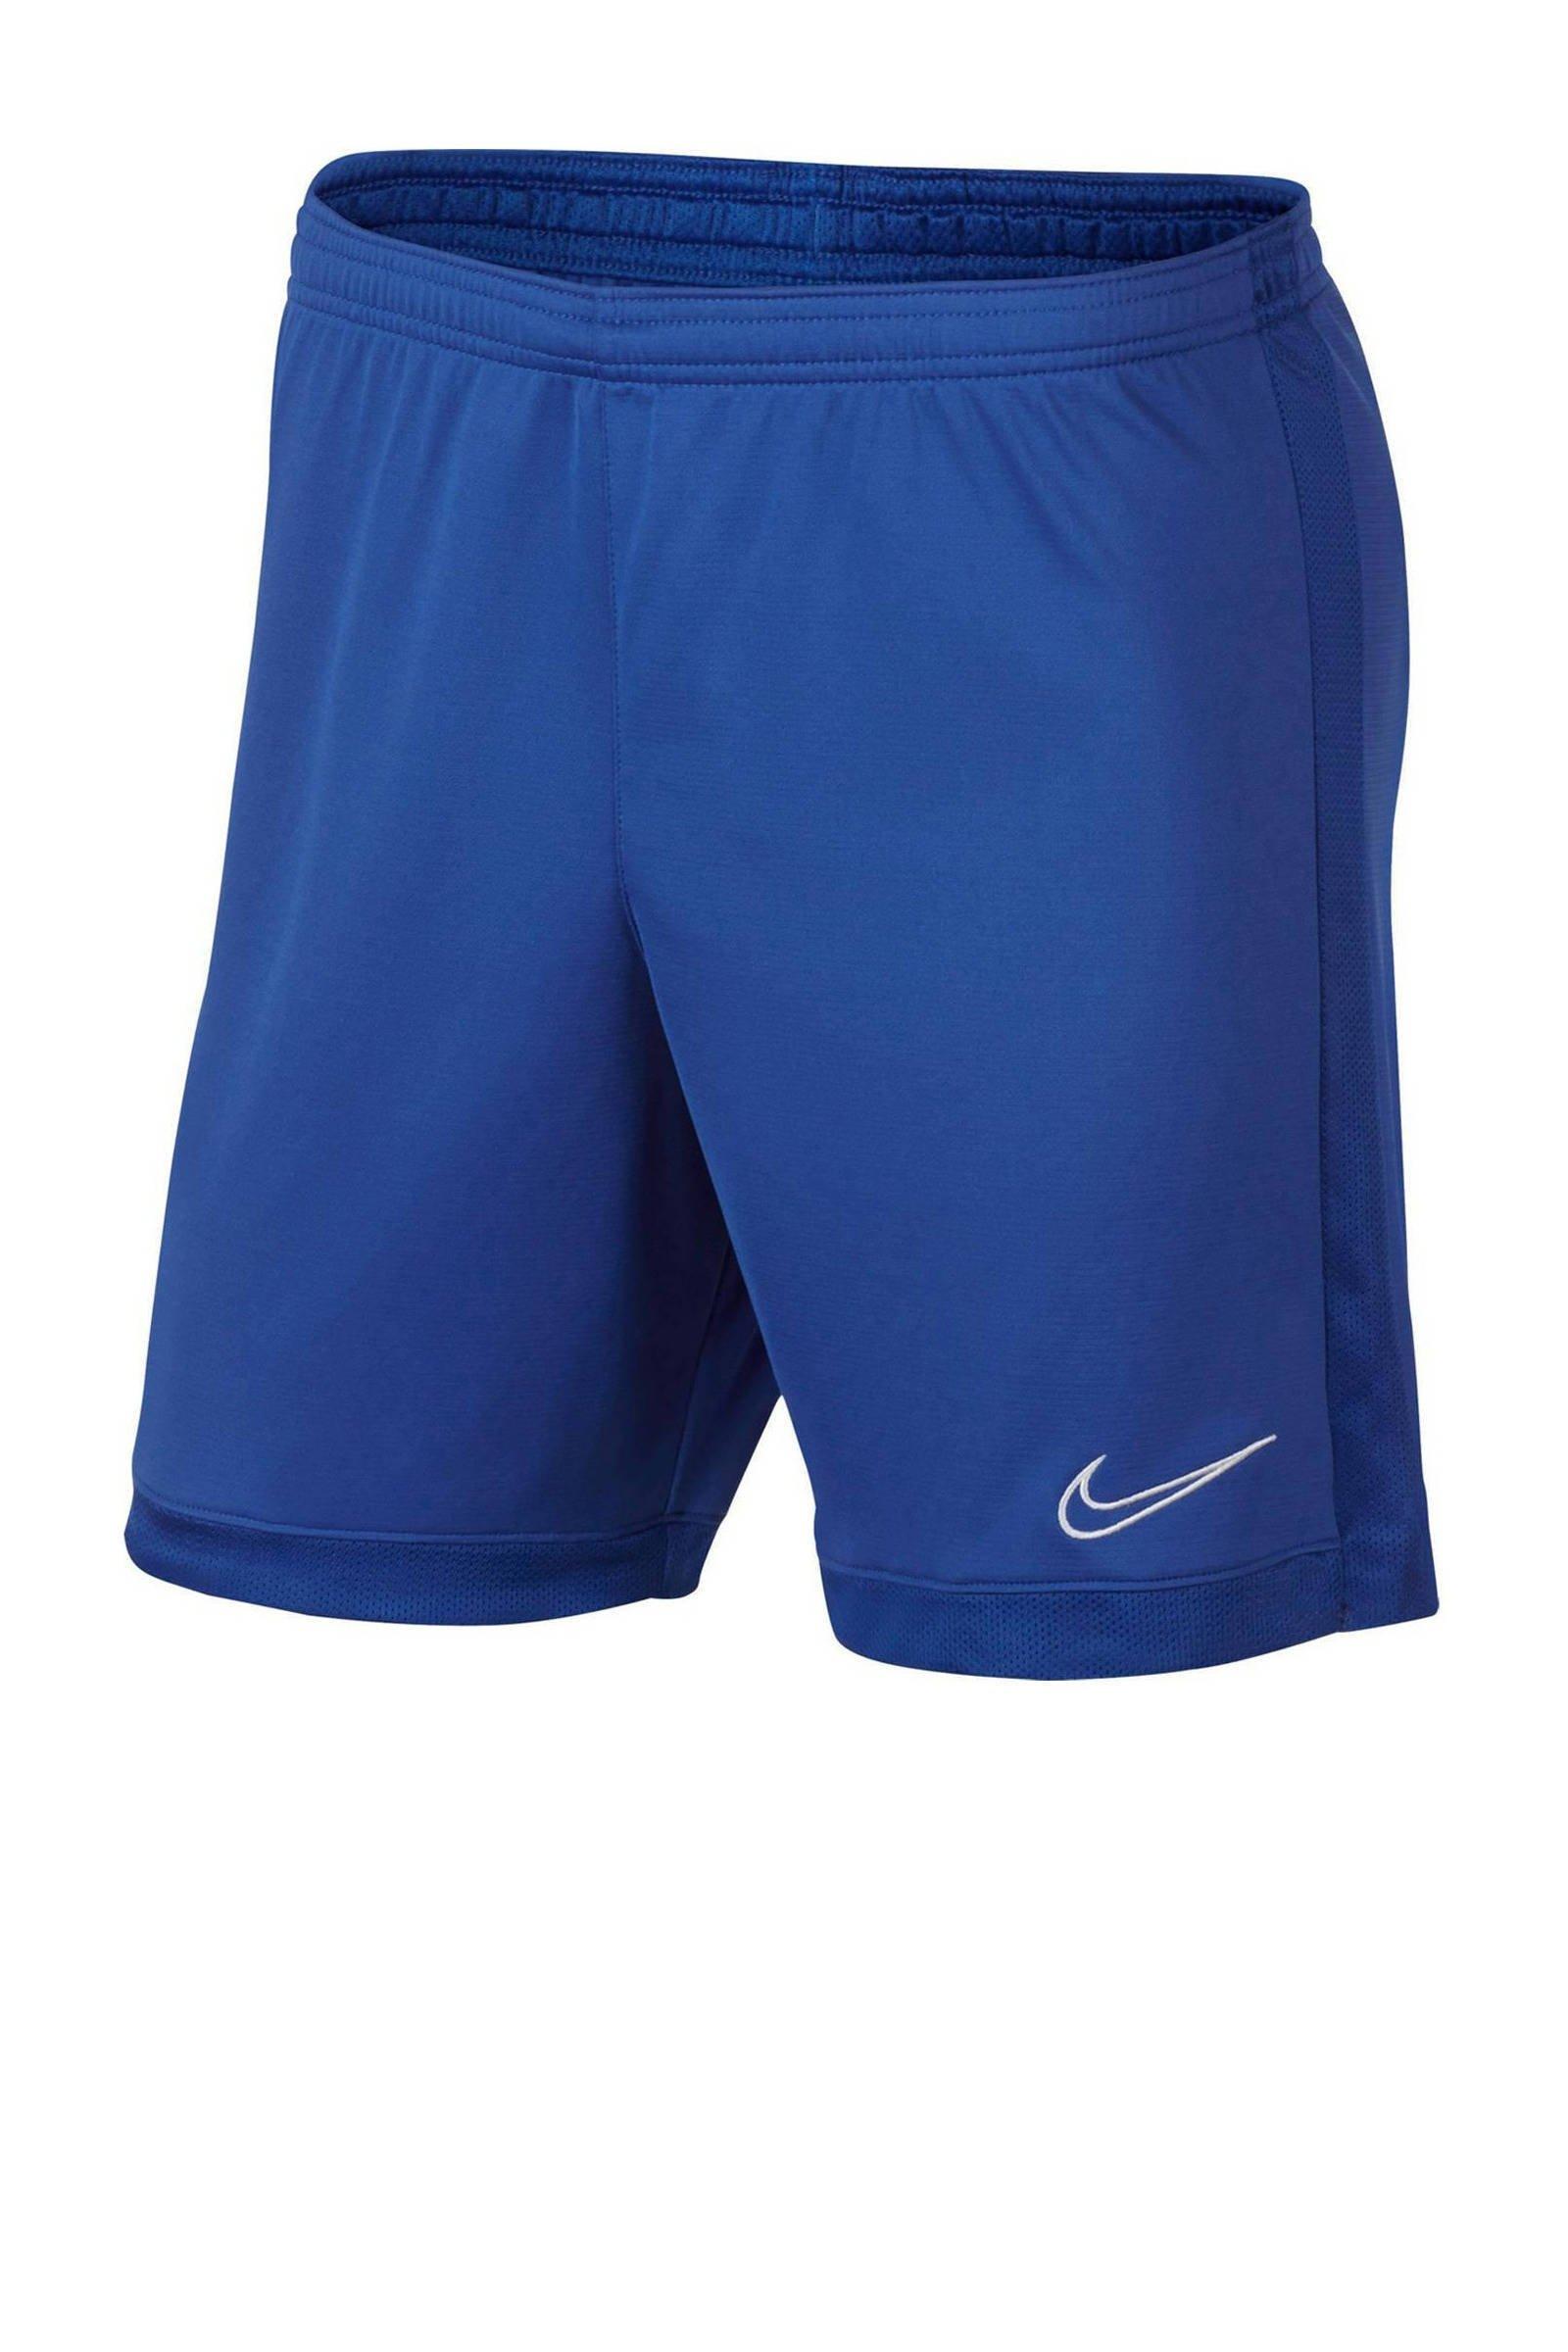 Nike sportbroeken heren bij wehkamp Gratis bezorging vanaf